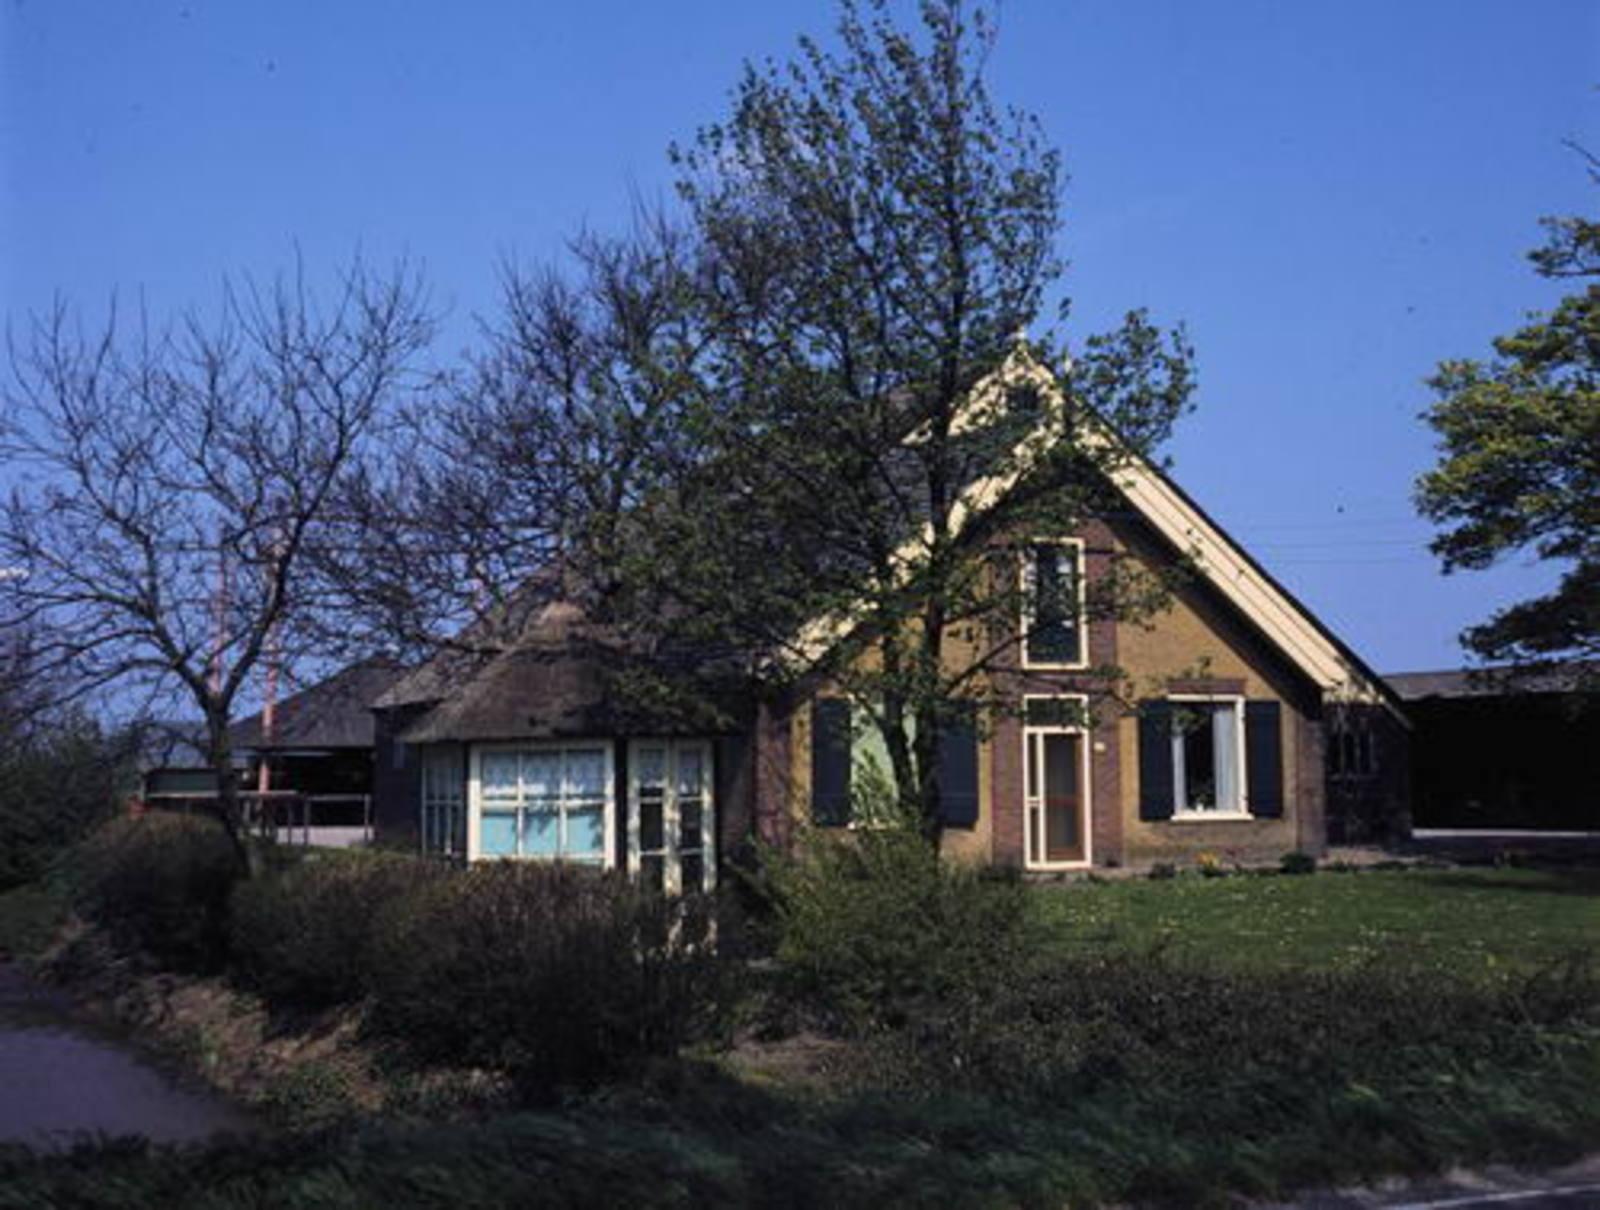 Aalsmeerderweg W 0593 1980 boerderij Ora et Labora 01